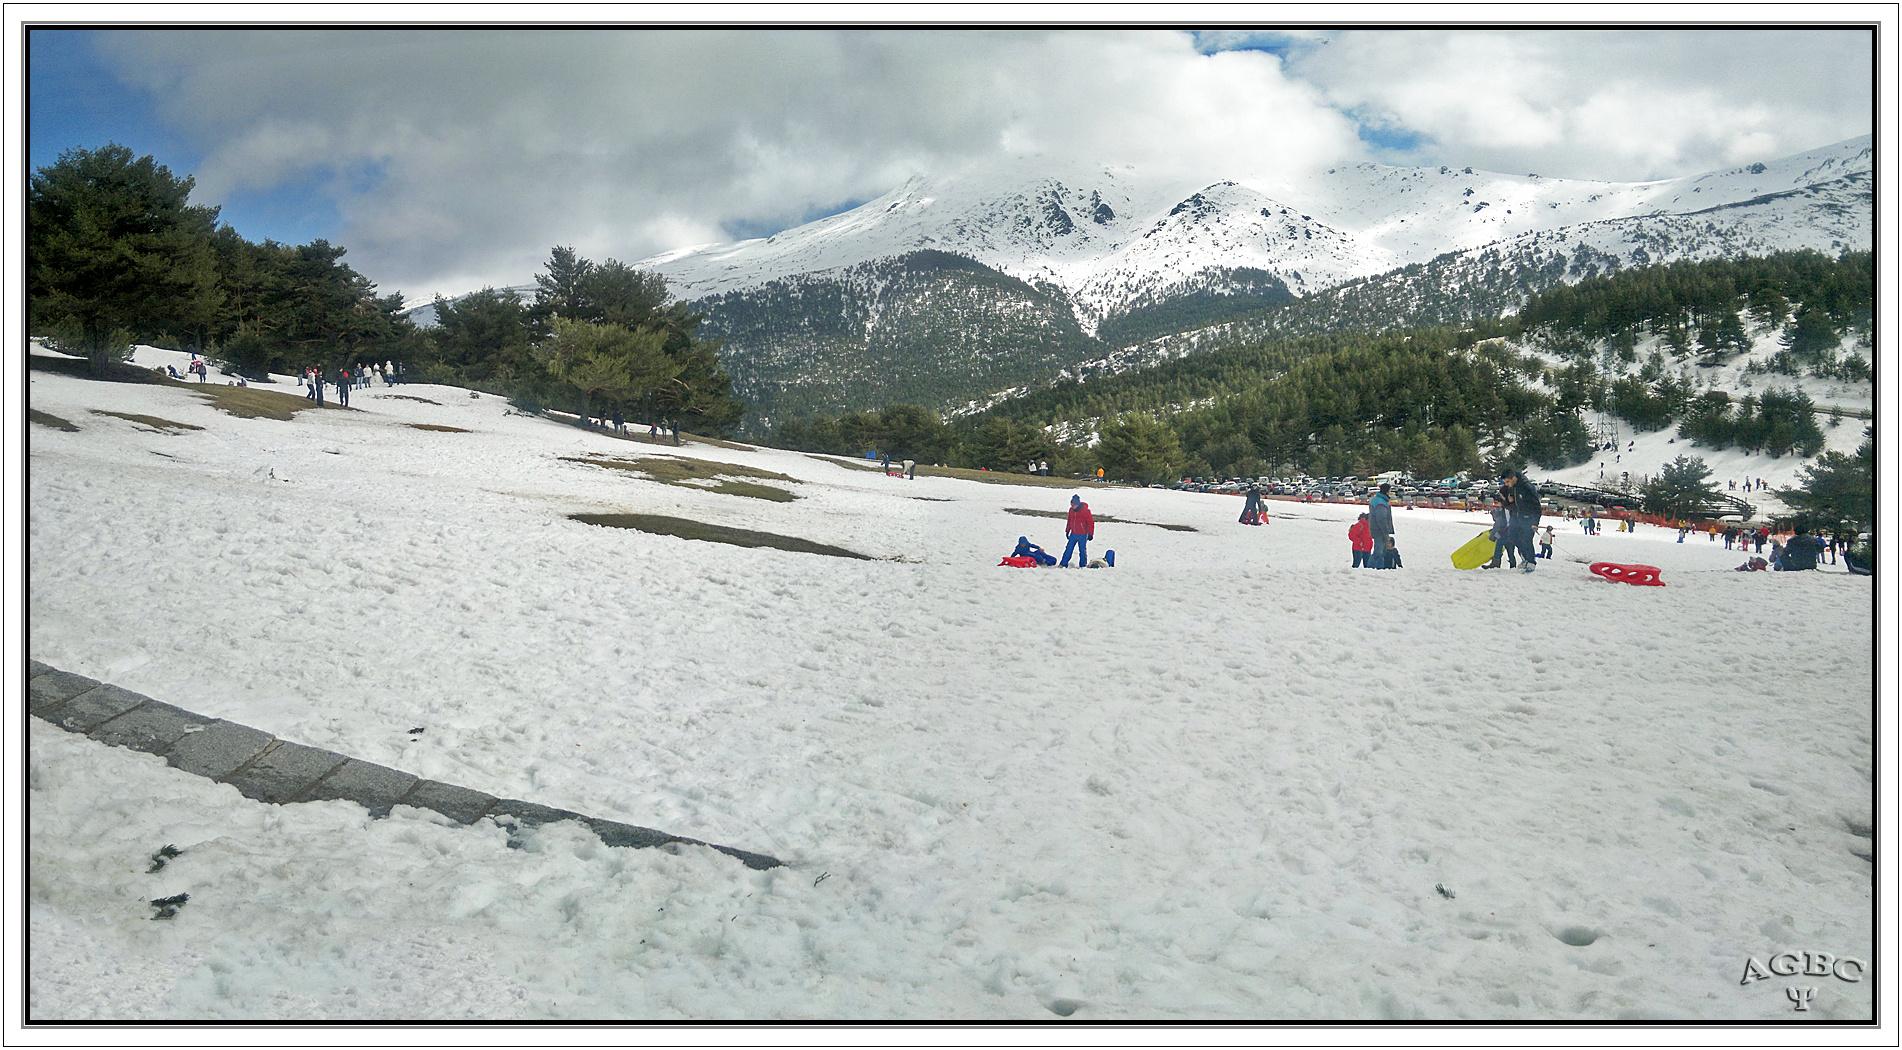 Nieve y bosques, Cotos (nevado), Madrid. Pano (2 Img.) II